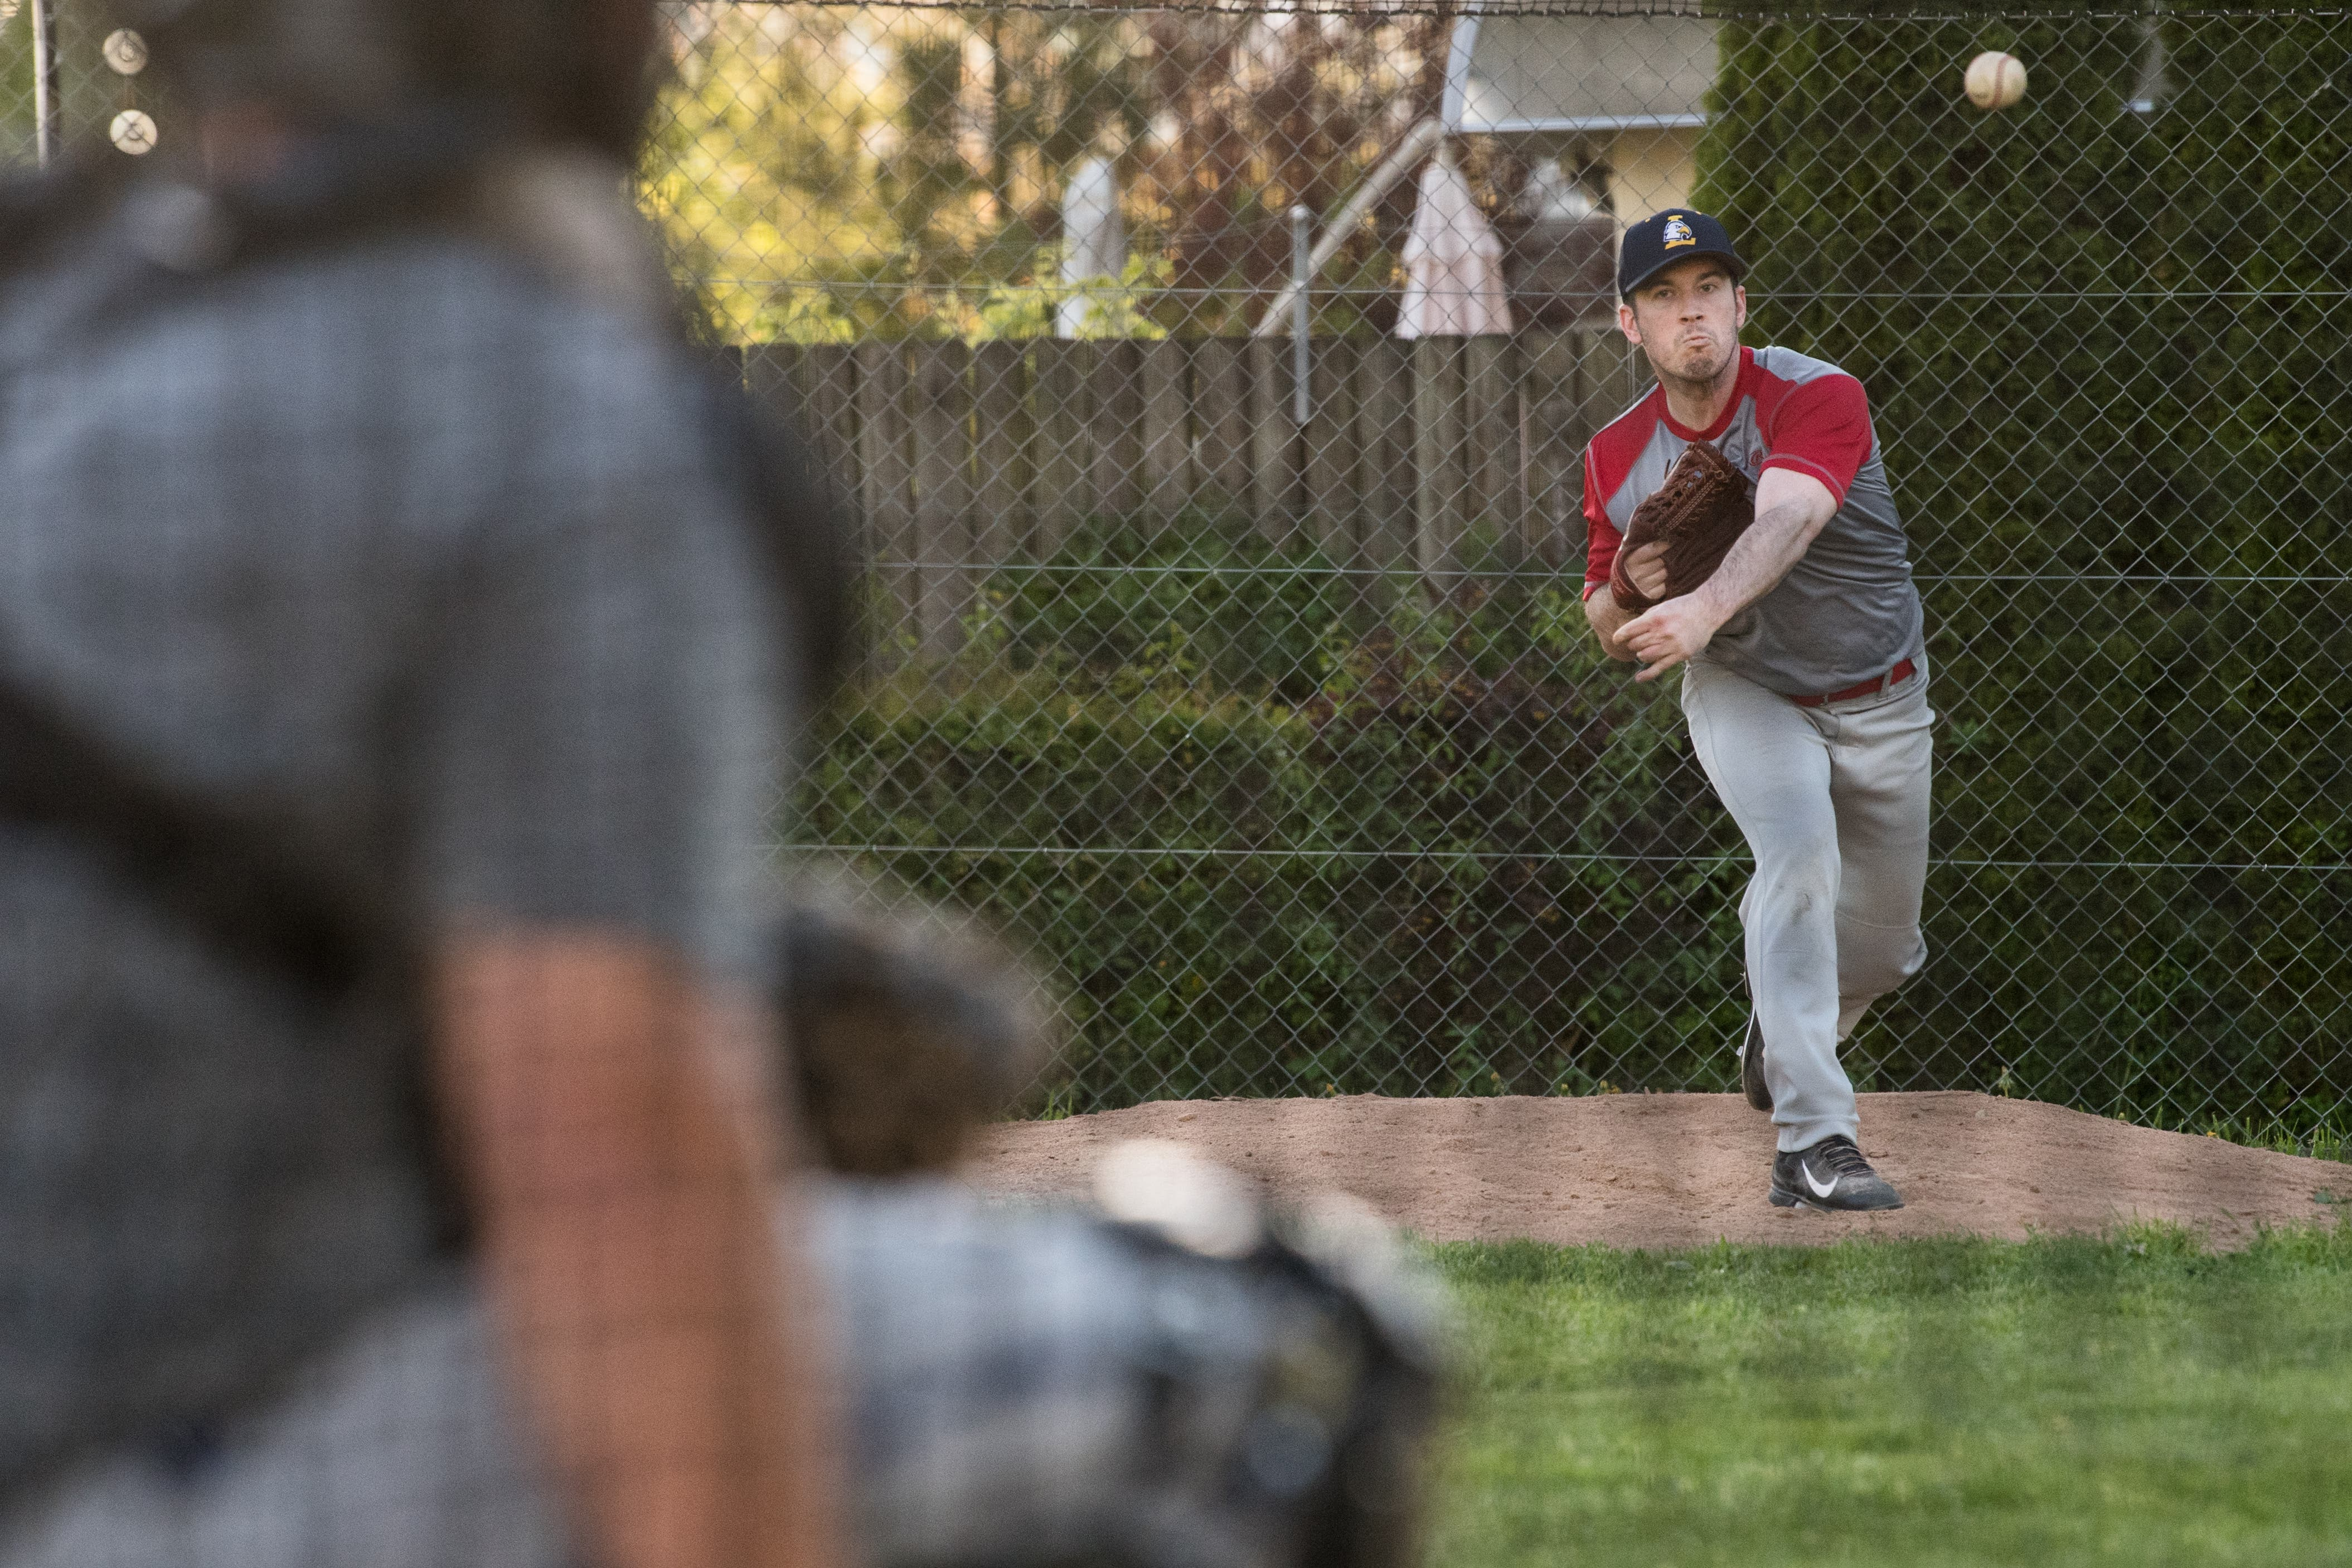 Pitcher Ryan Byrne wirft einen Fastball zum Catcher. Bild: Boris Bürgisser (Luzern, 25. April 2019)